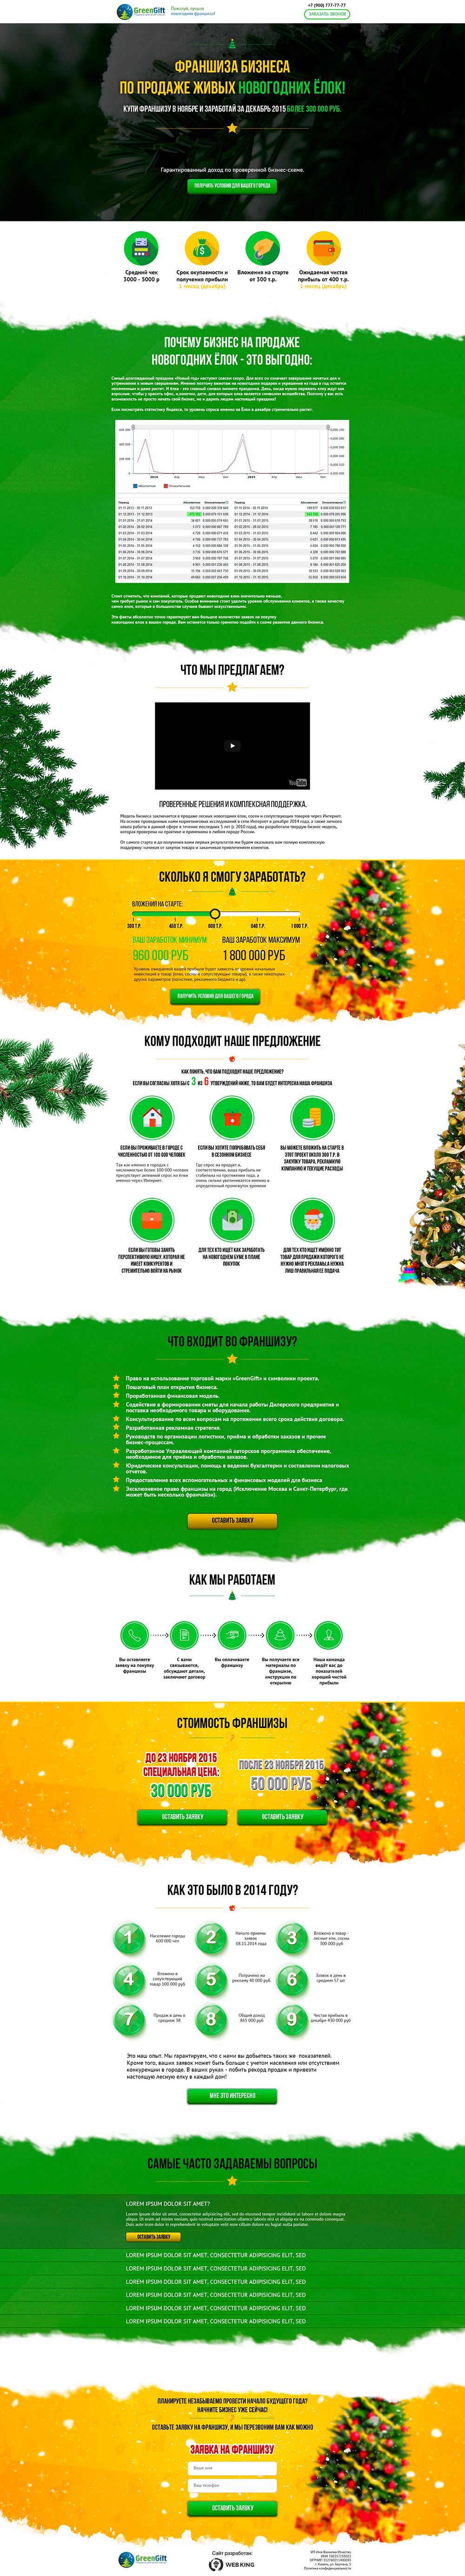 Лендинг для франшизы по продаже новогодних елок